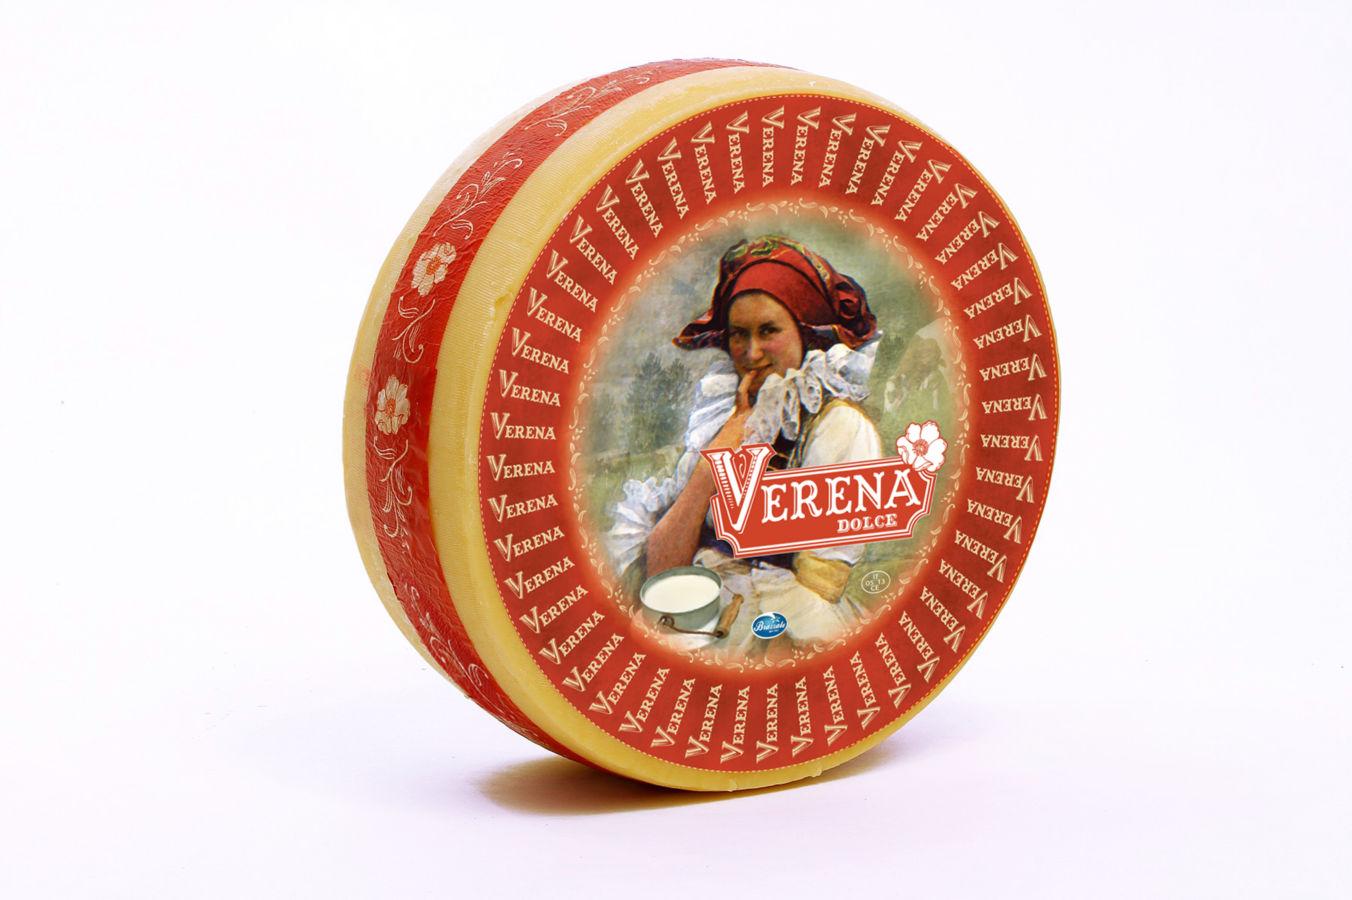 Verena dolce: Sýrový poklad mnoha tváří